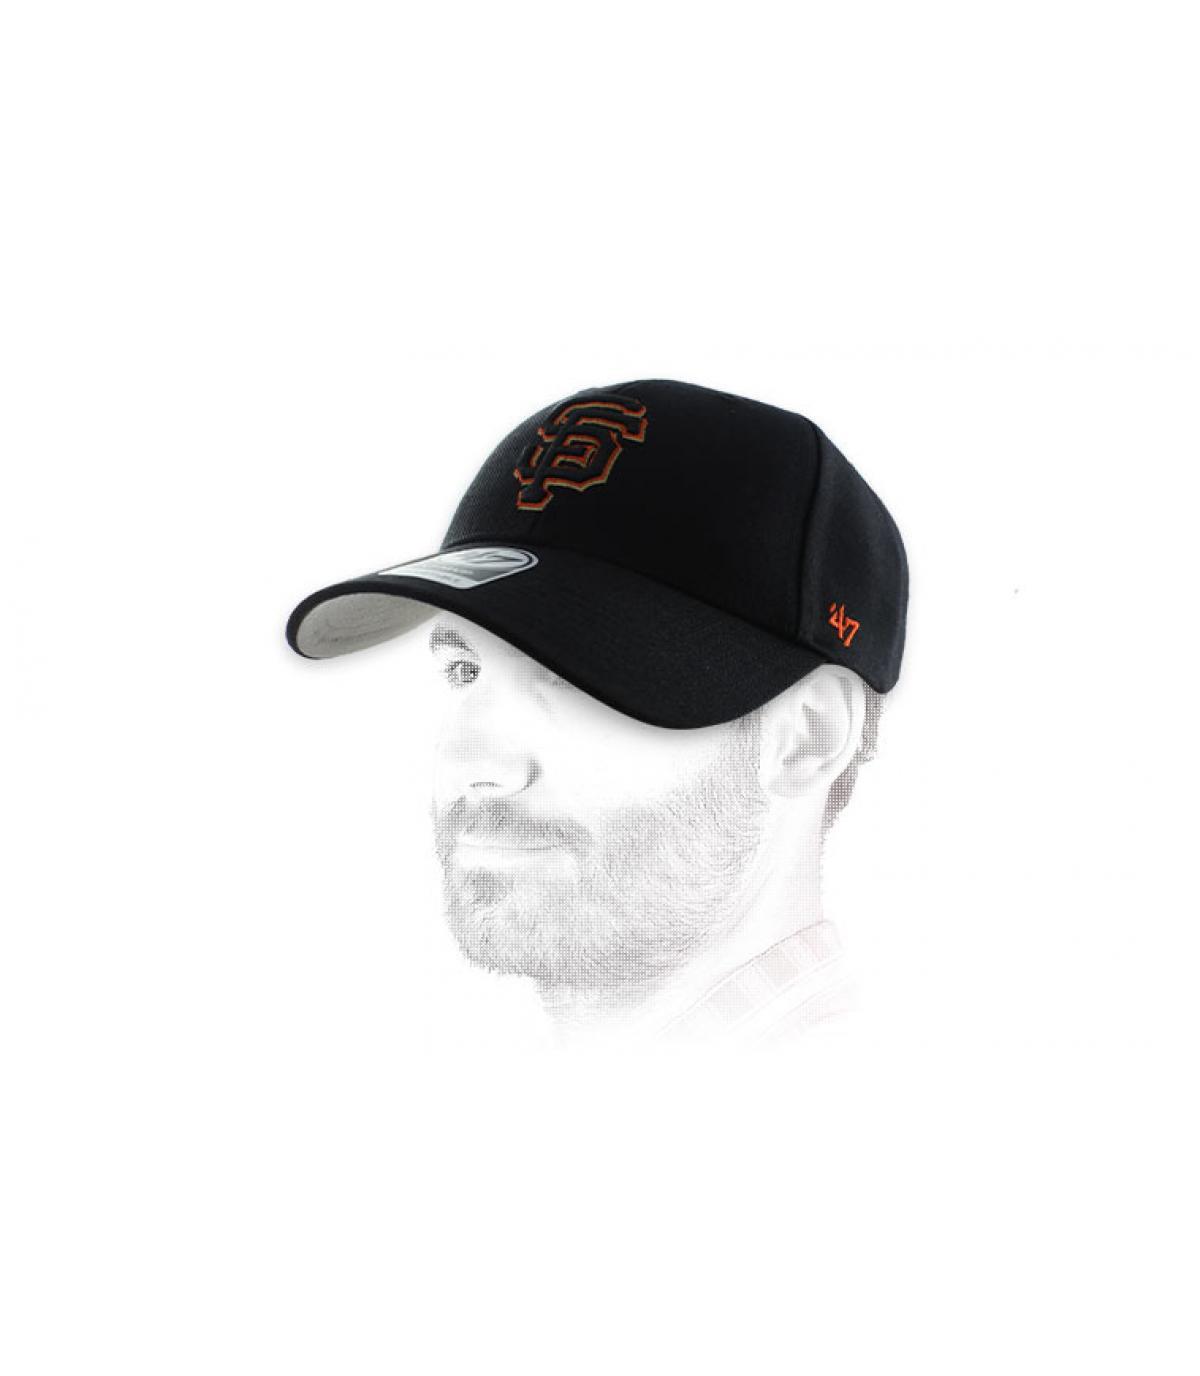 casquette SF noire orange